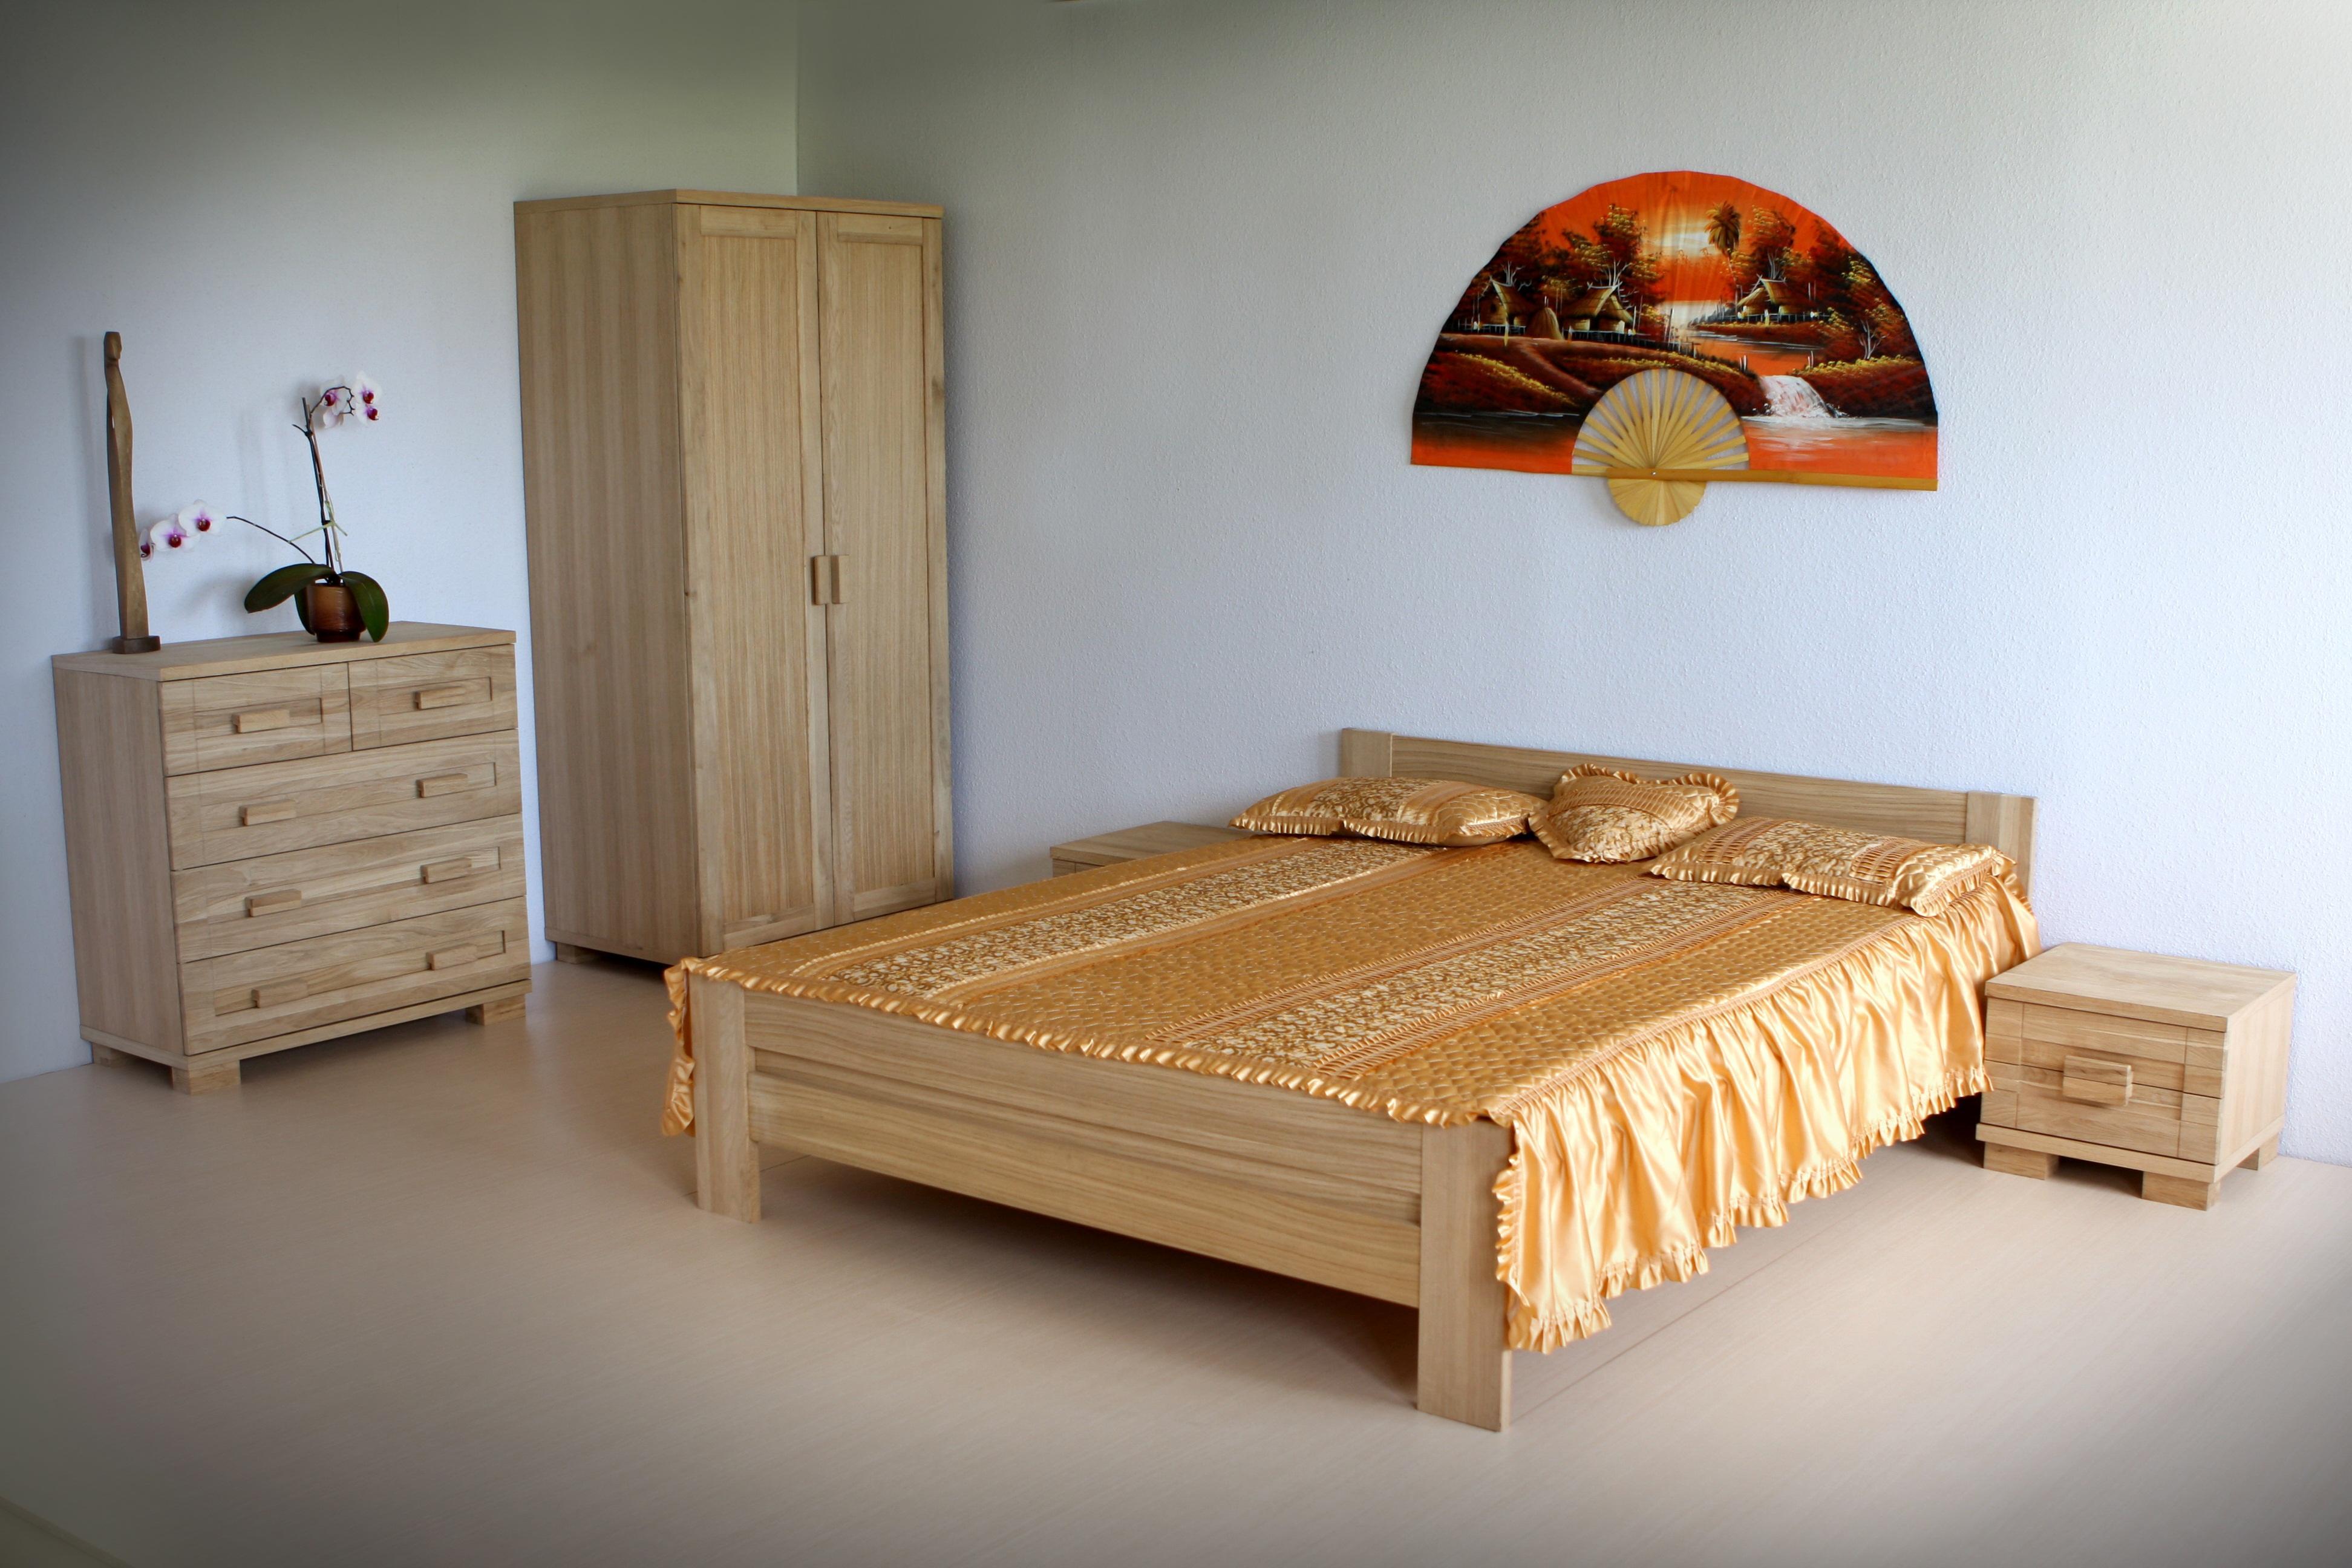 Arredamento camera da letto tradizionale 5 0 1000 0 - Arredamento camera da letto ...